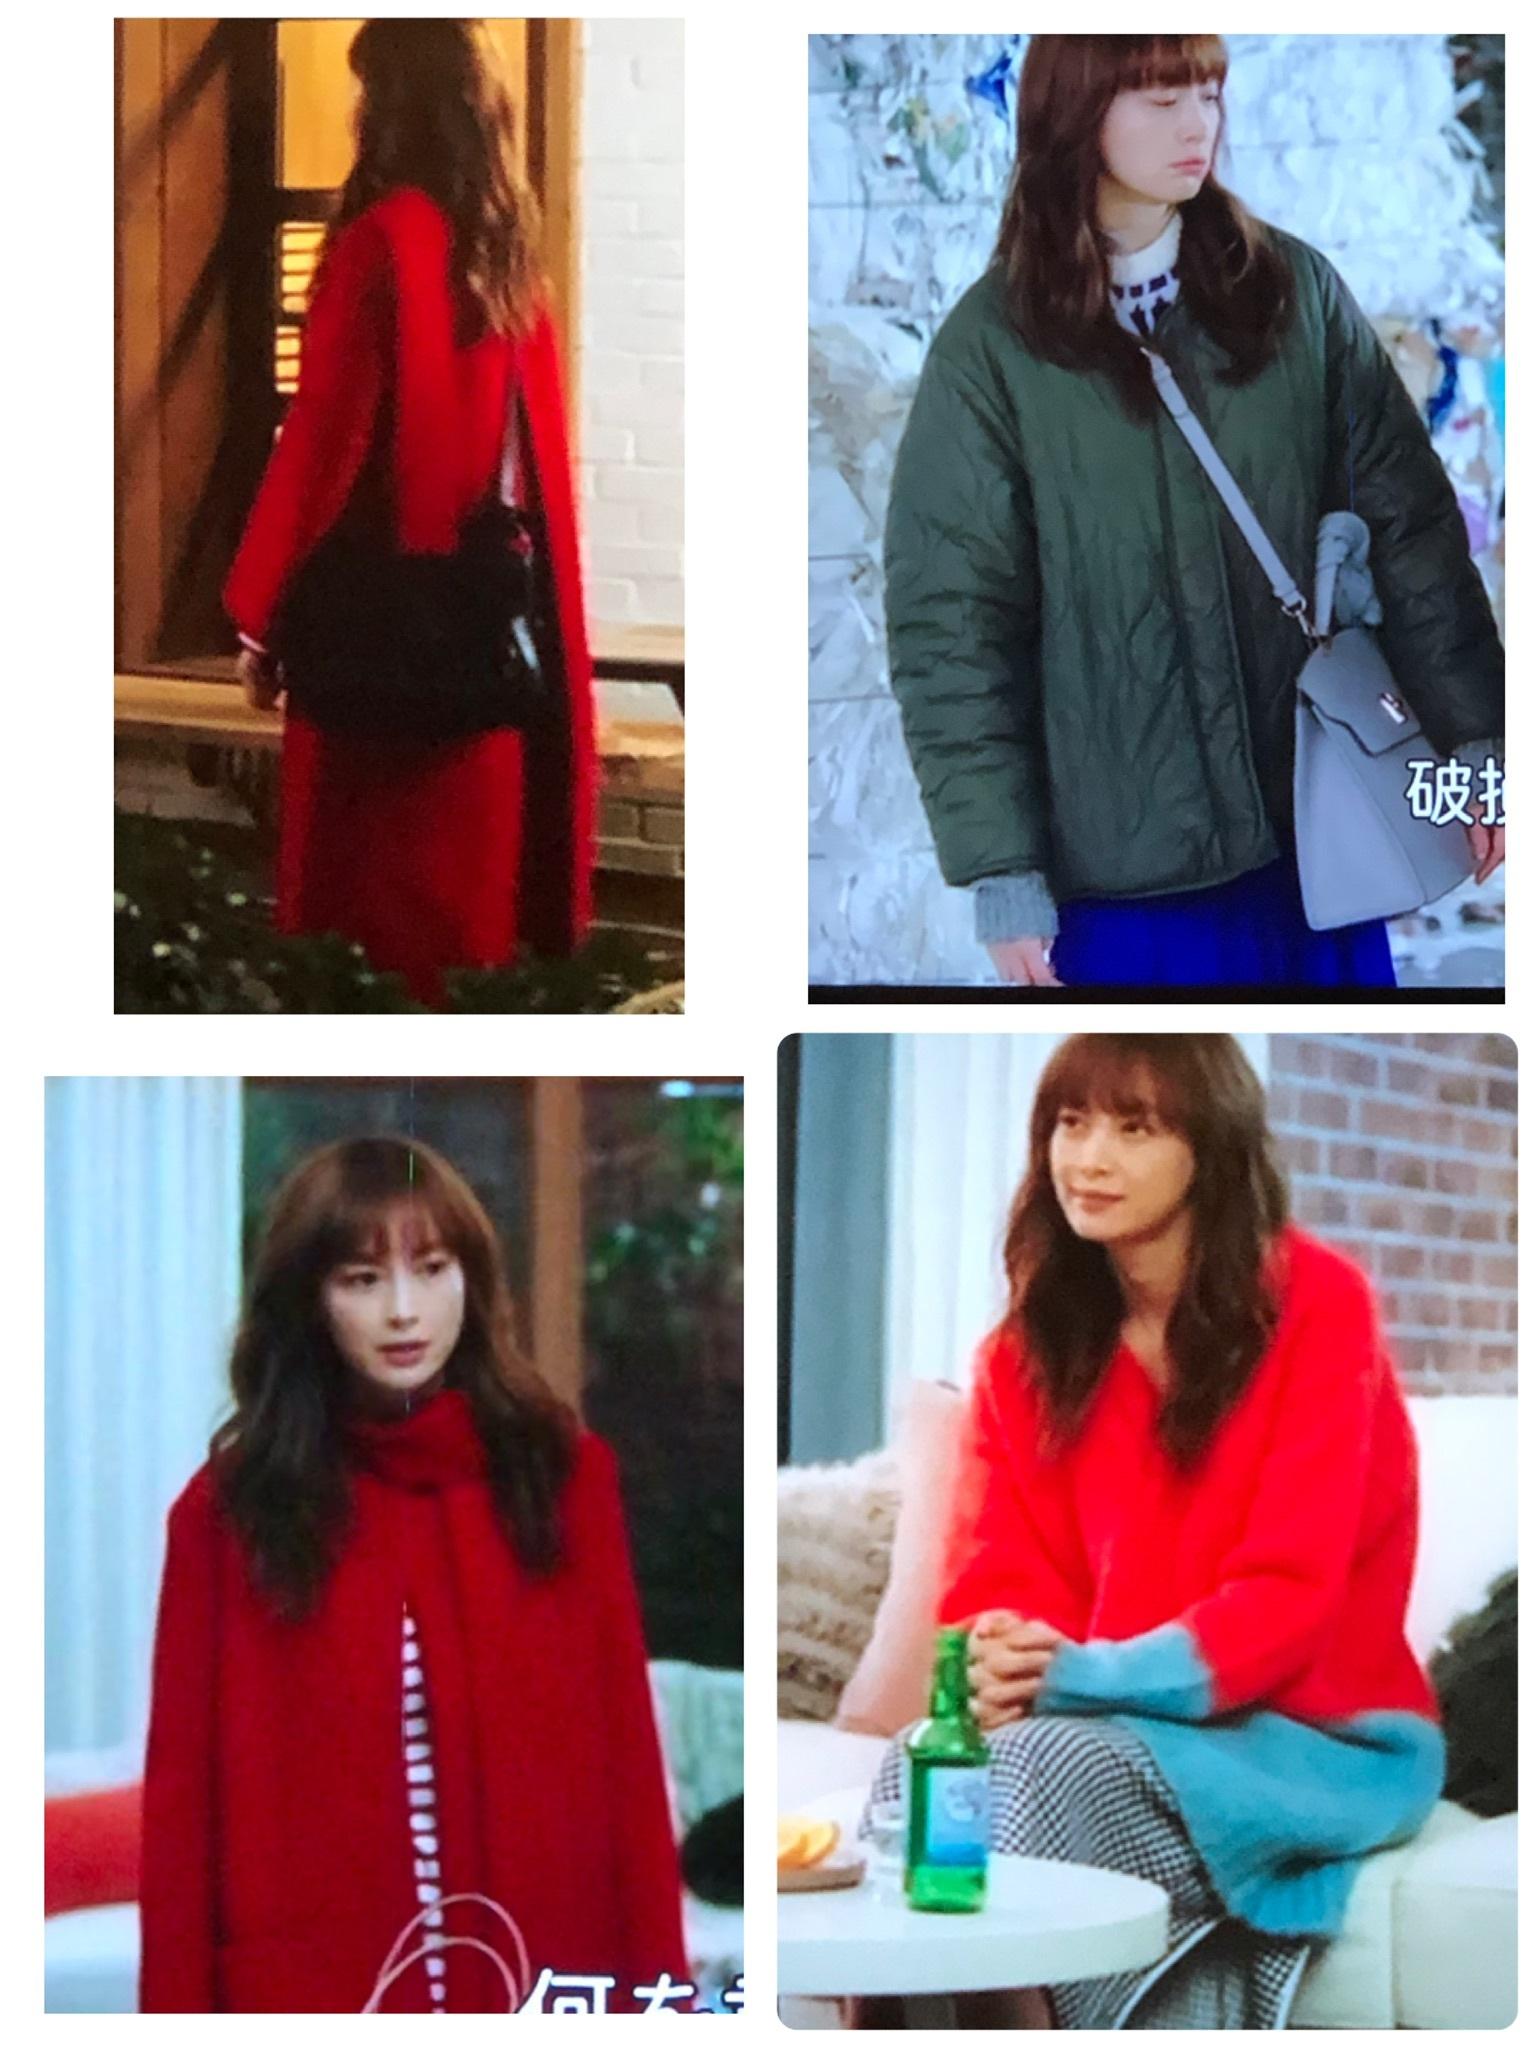 韓国ドラマで観るファッション③_a0213806_23271048.jpeg